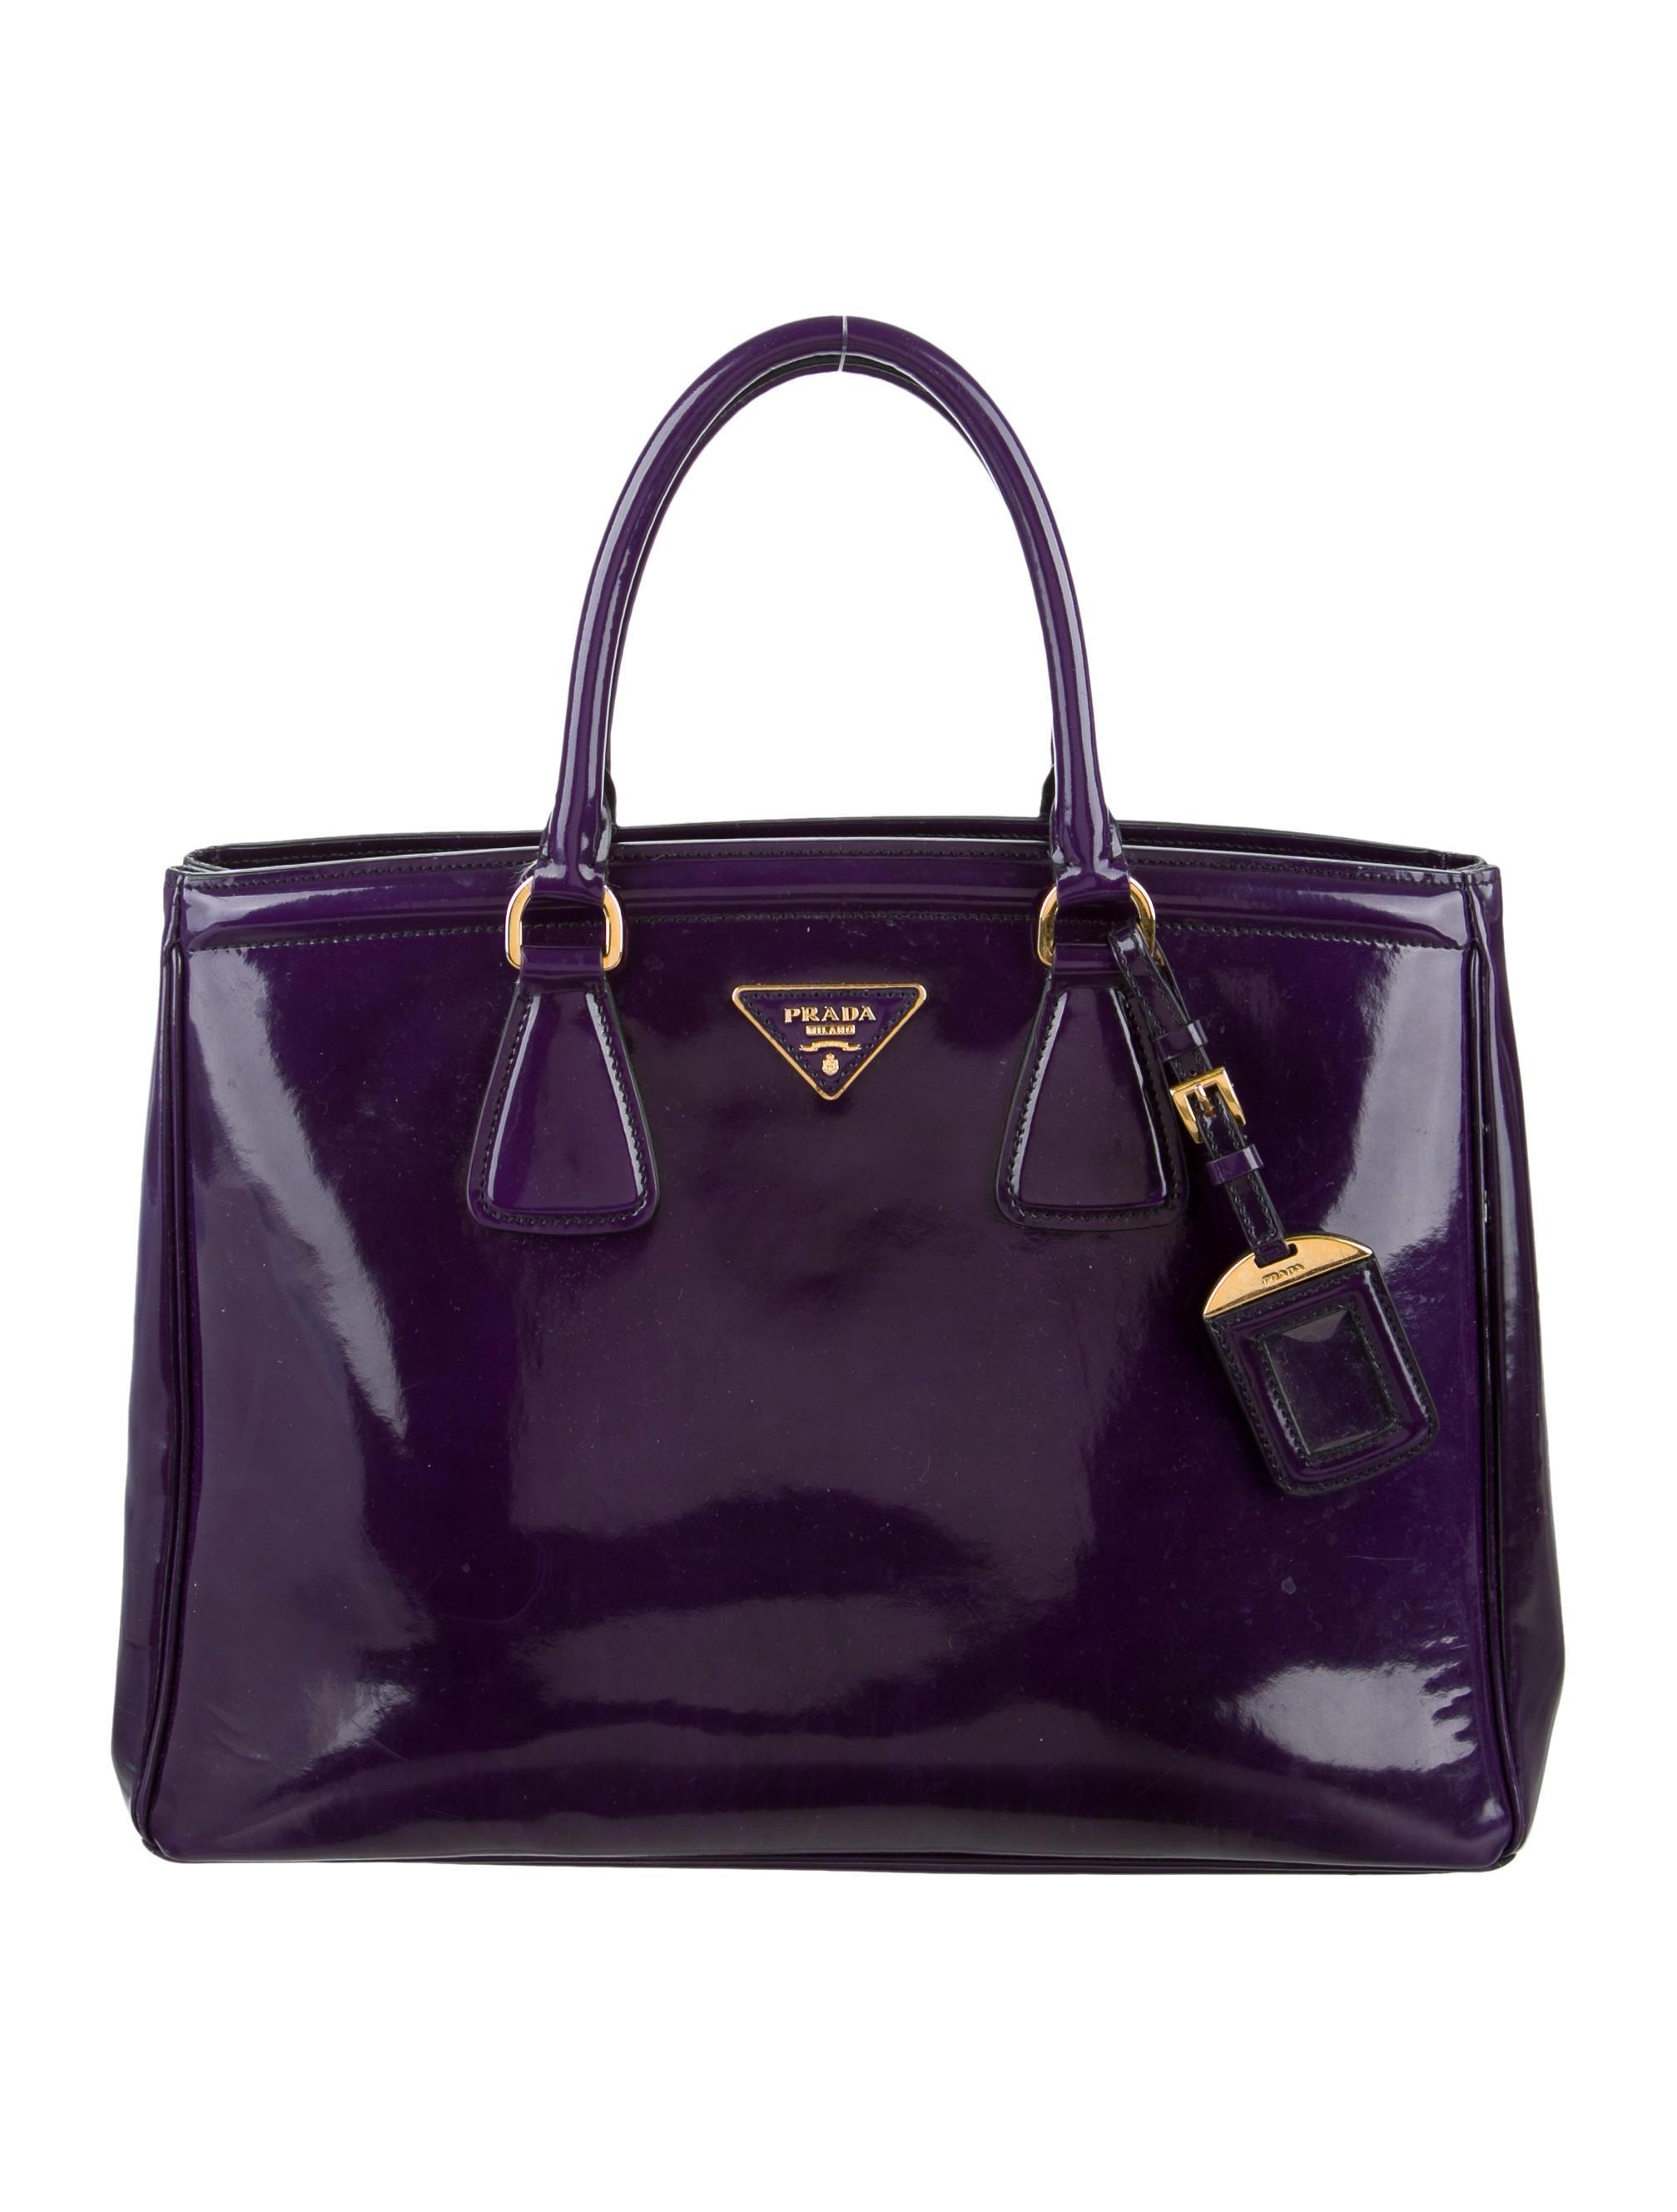 a796bf6f61 Prada Spazzolato Parabole Tote - Handbags - PRA95475